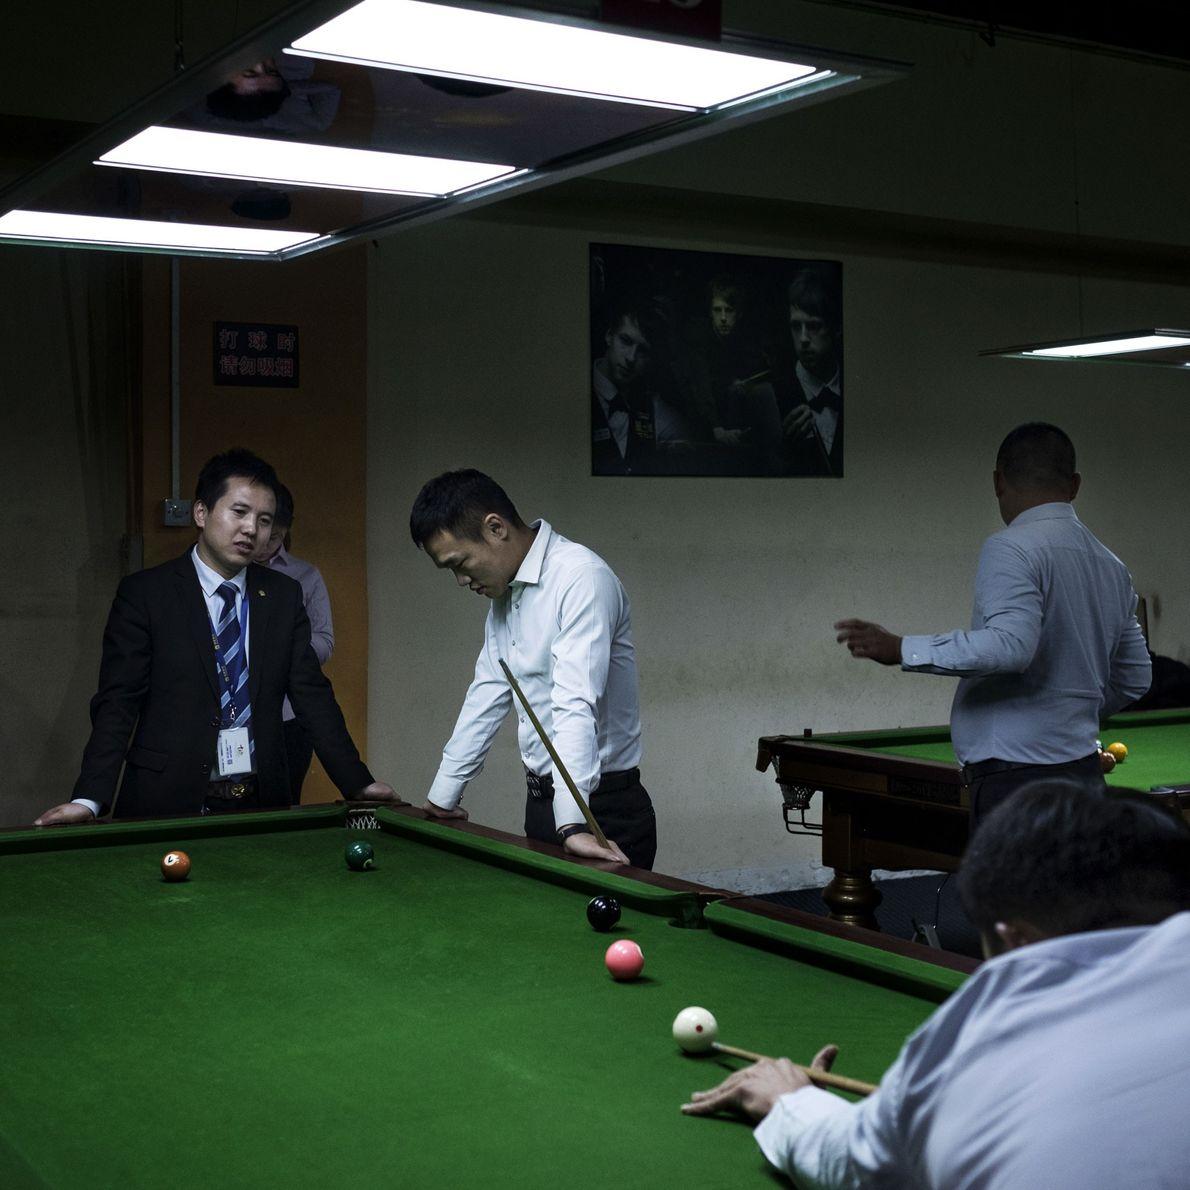 Um grupo de agentes imobiliários que vive em bunkers subterrâneos joga bilhar em um estabelecimento local.